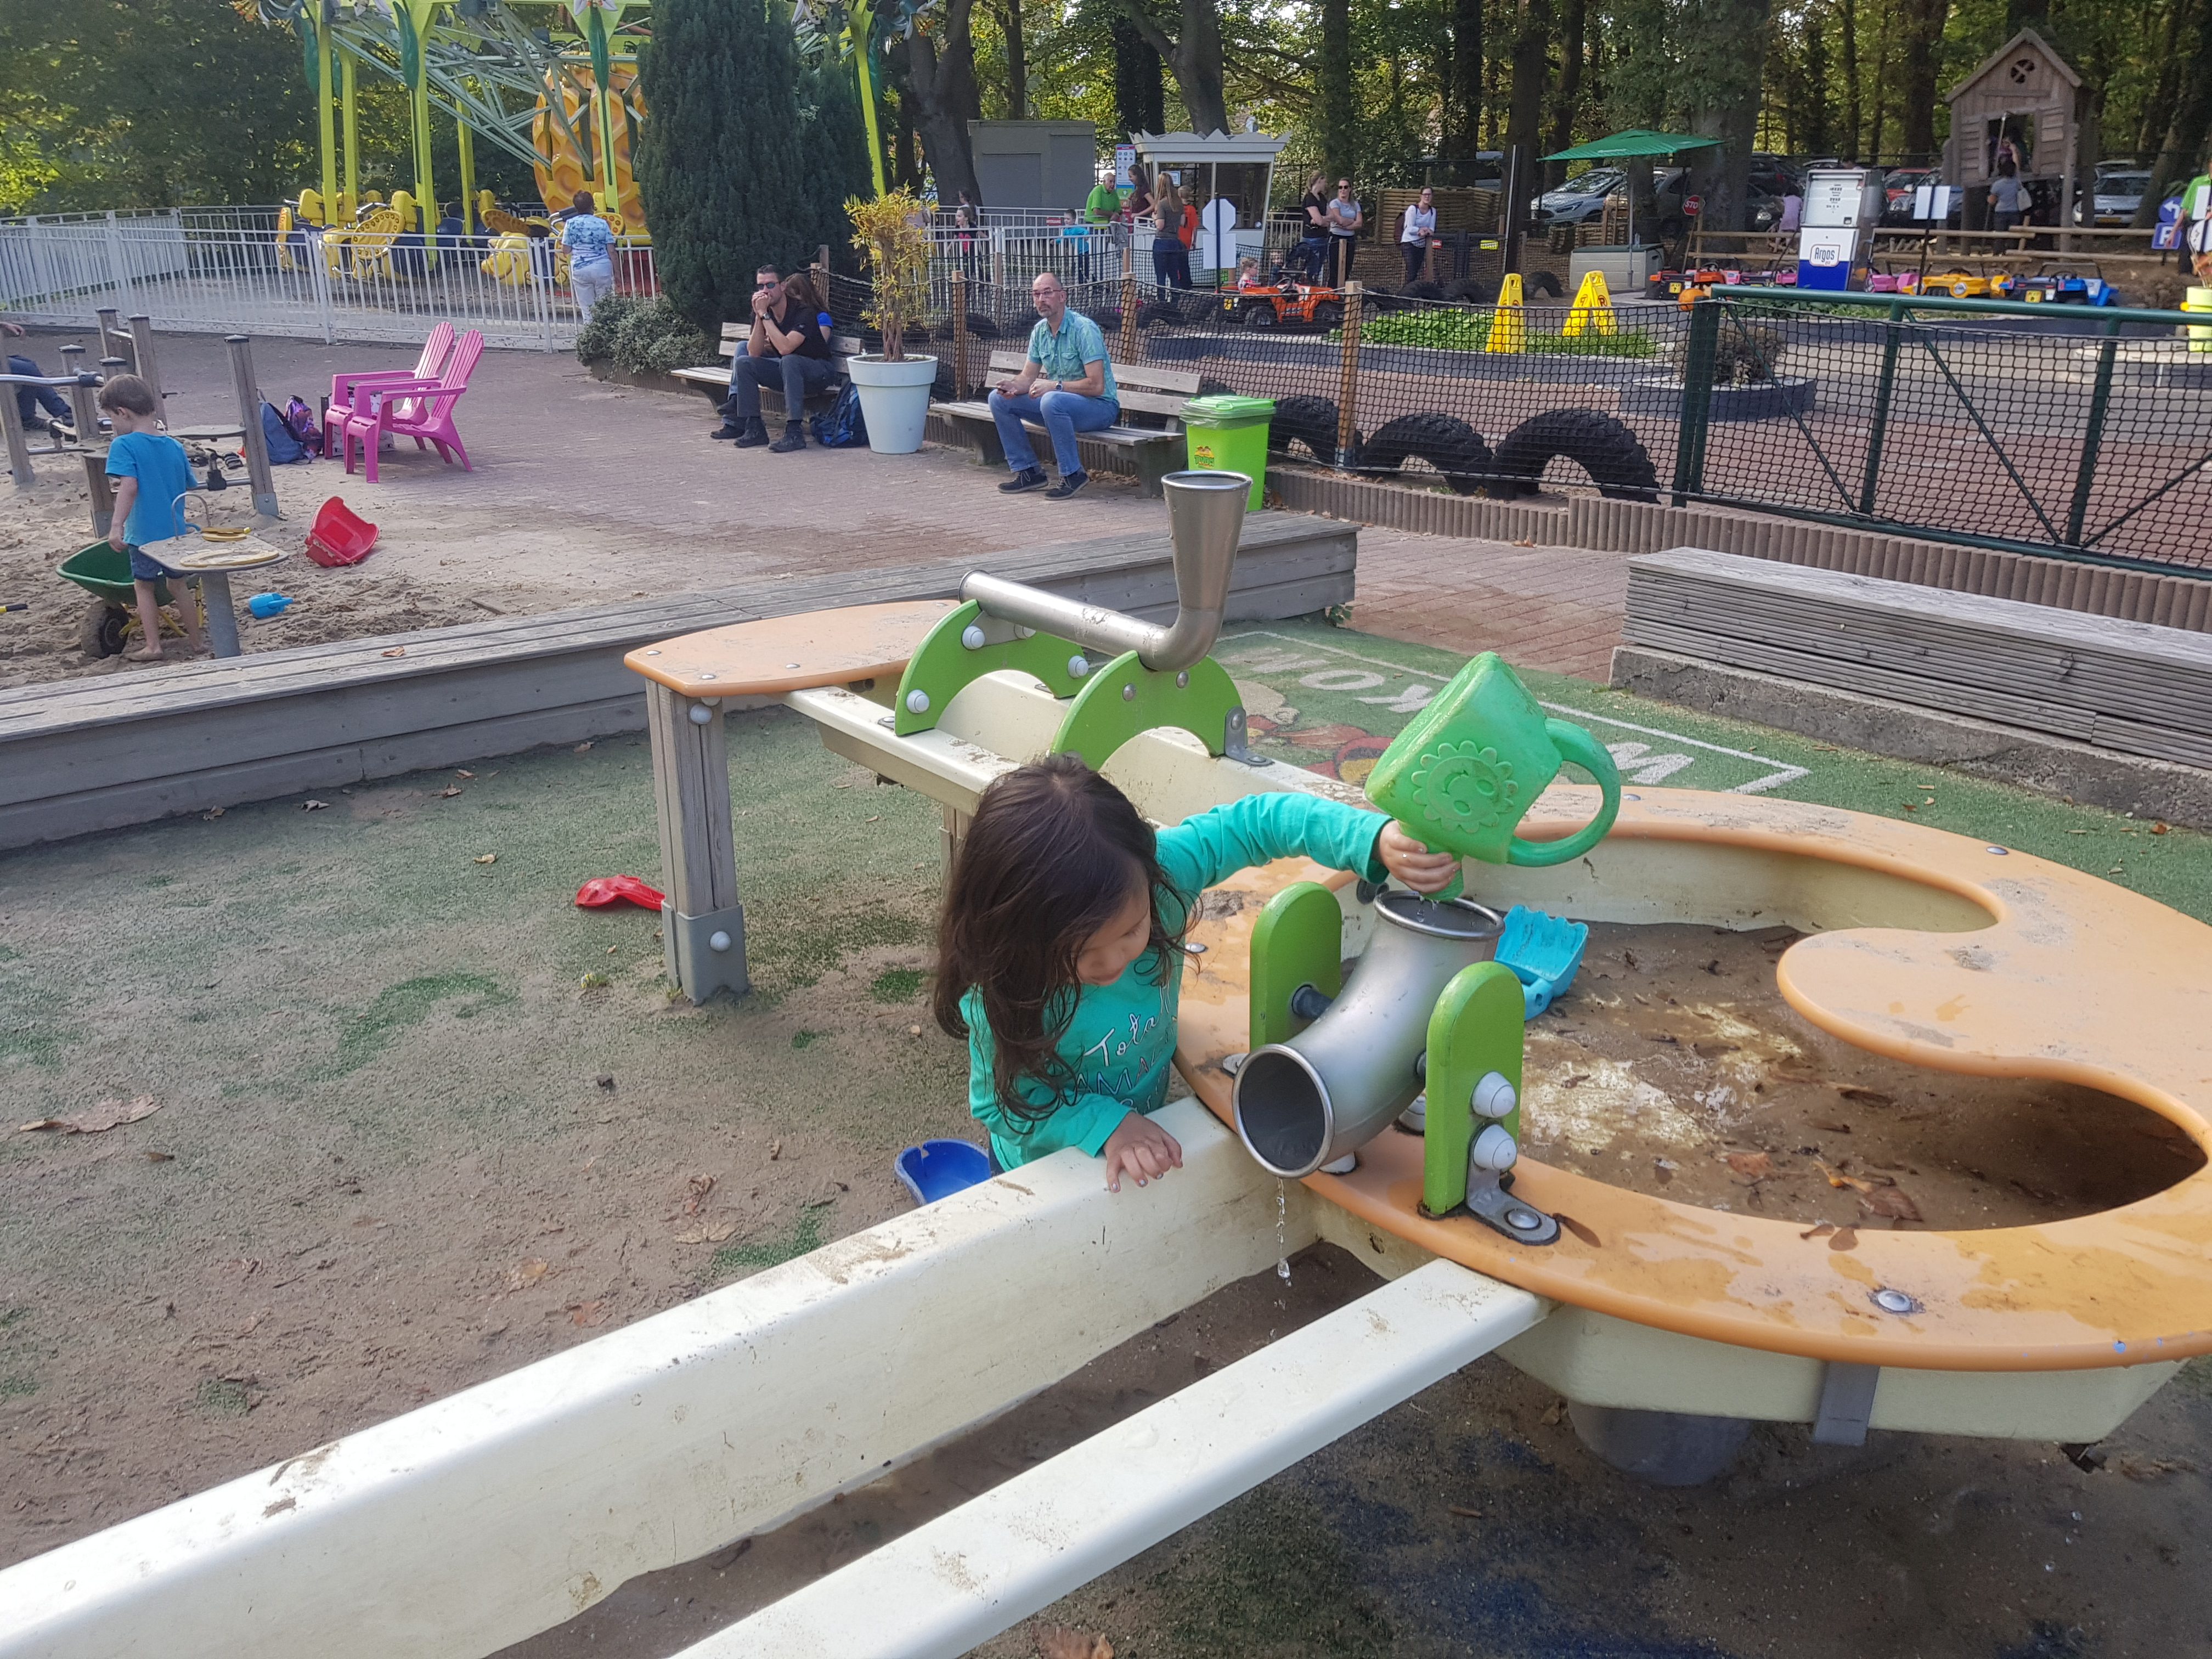 park tivoli viervoetervriendelijk